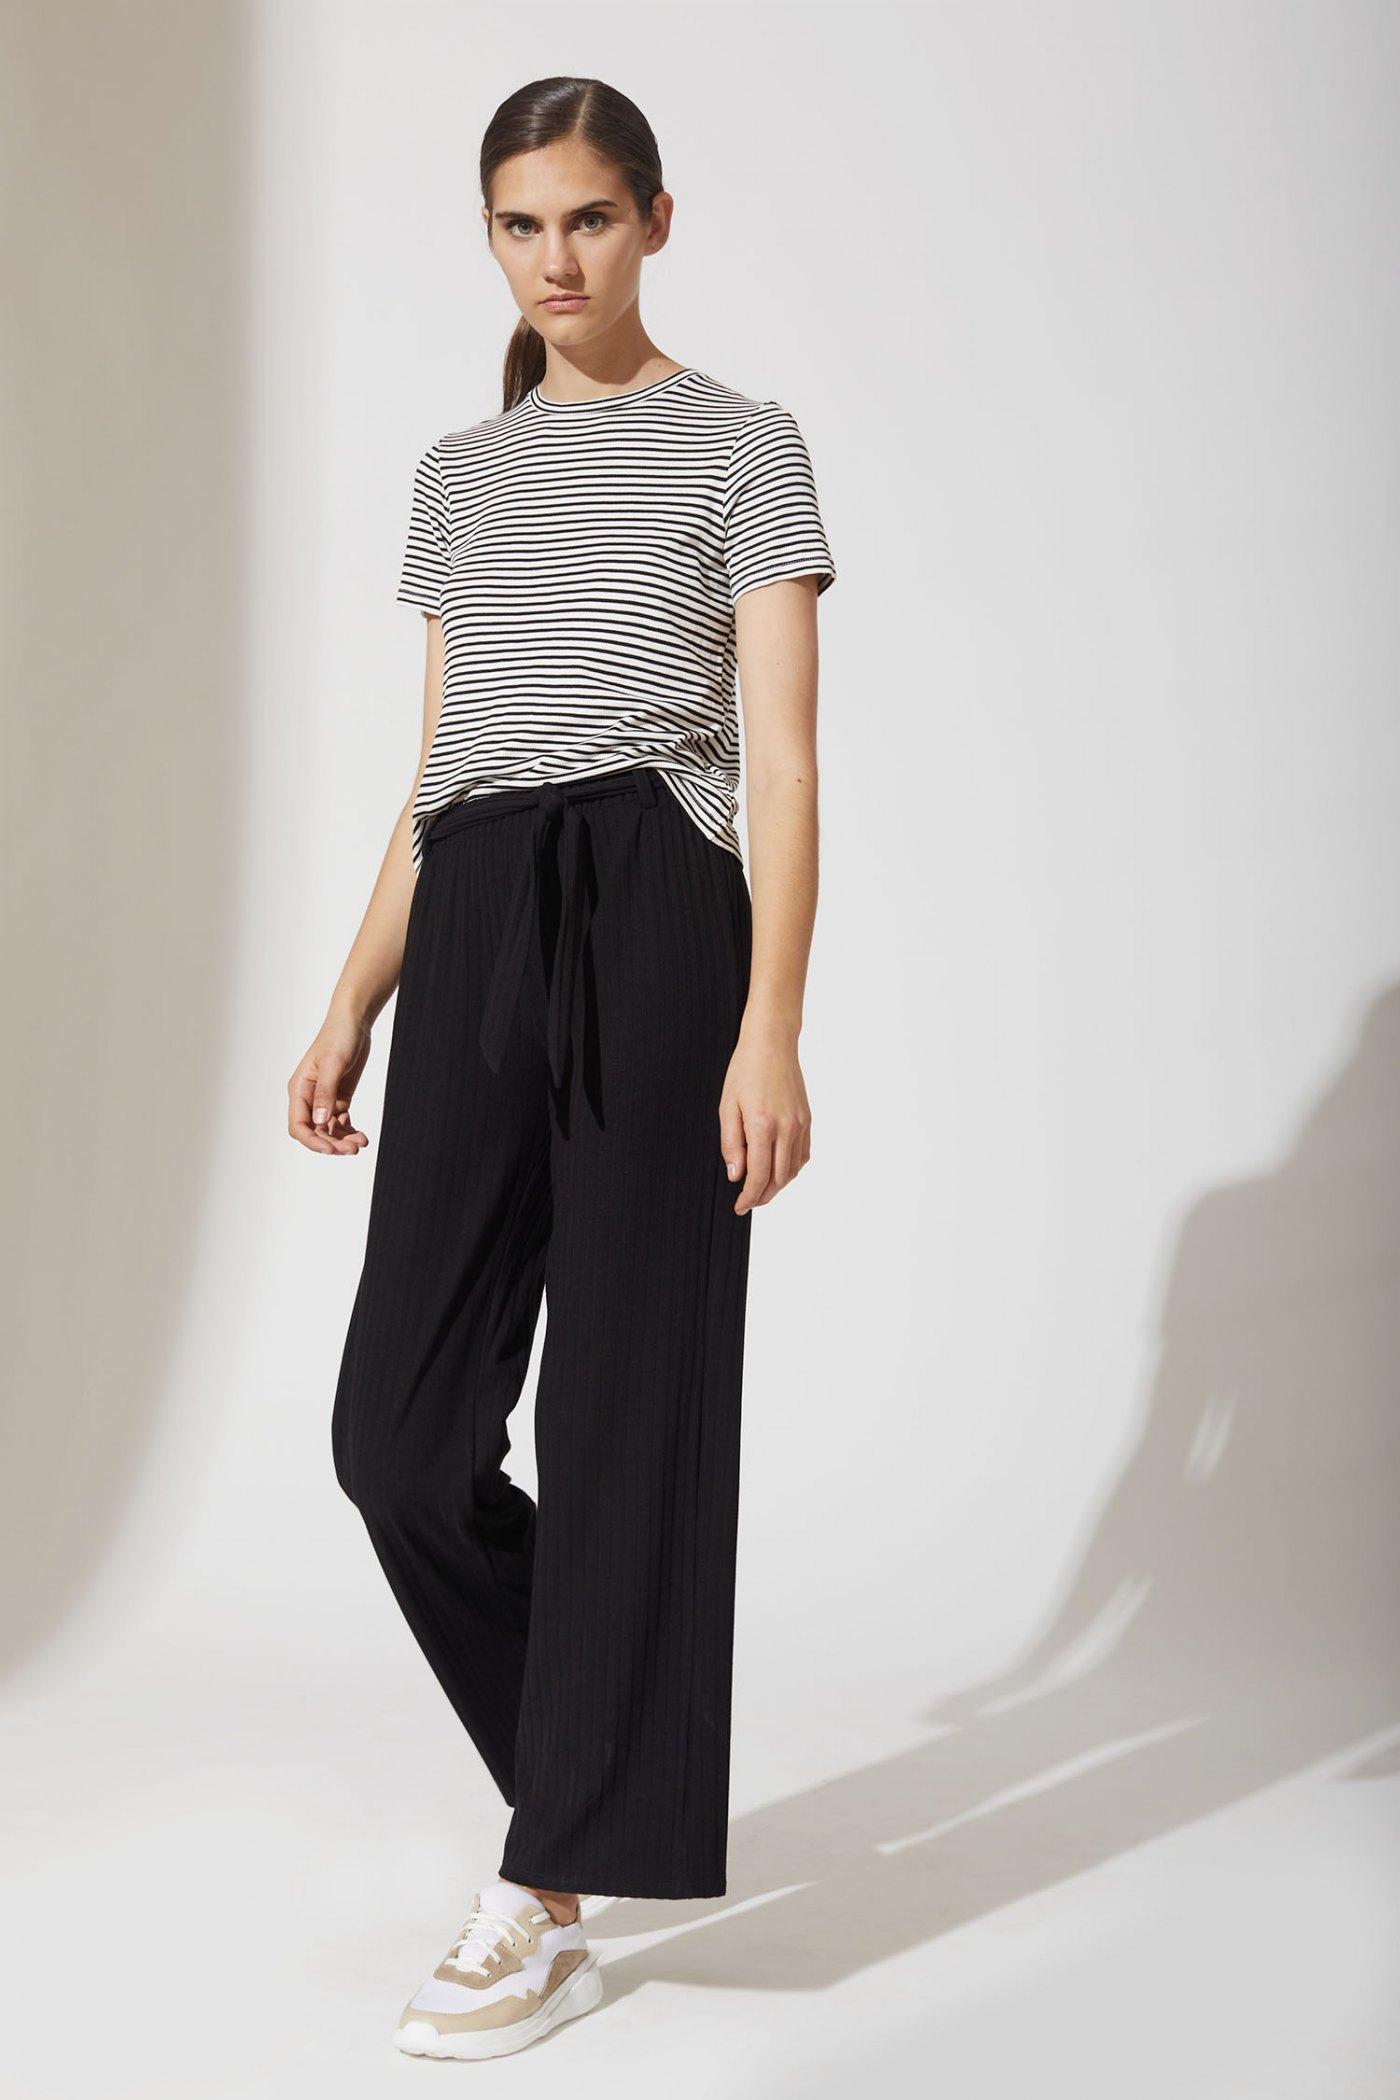 Pantalón Erica